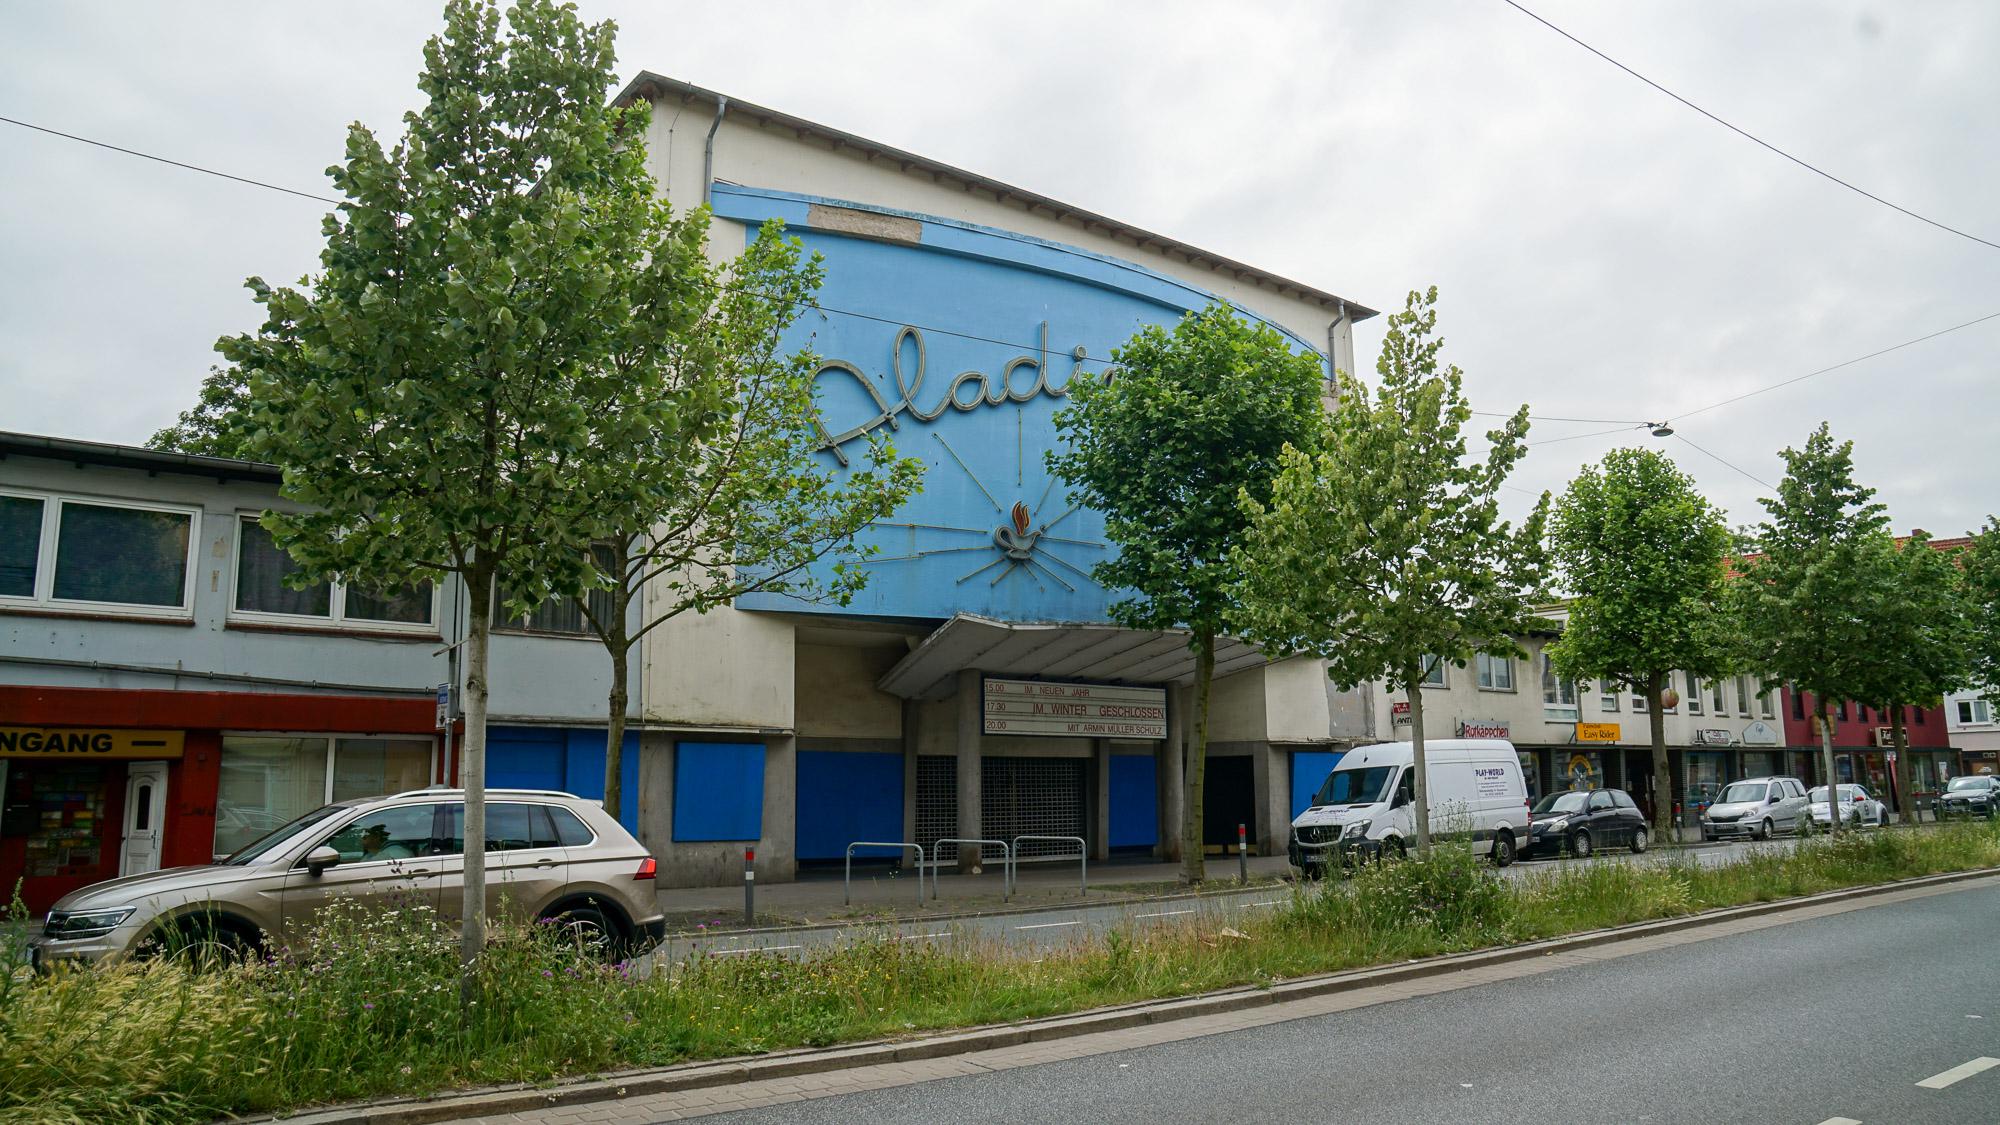 """Altes Kinogebäude mit gewölbter Fassade. In Neon der von einem Baum verdeckte Schriftzug """"Aladin"""""""